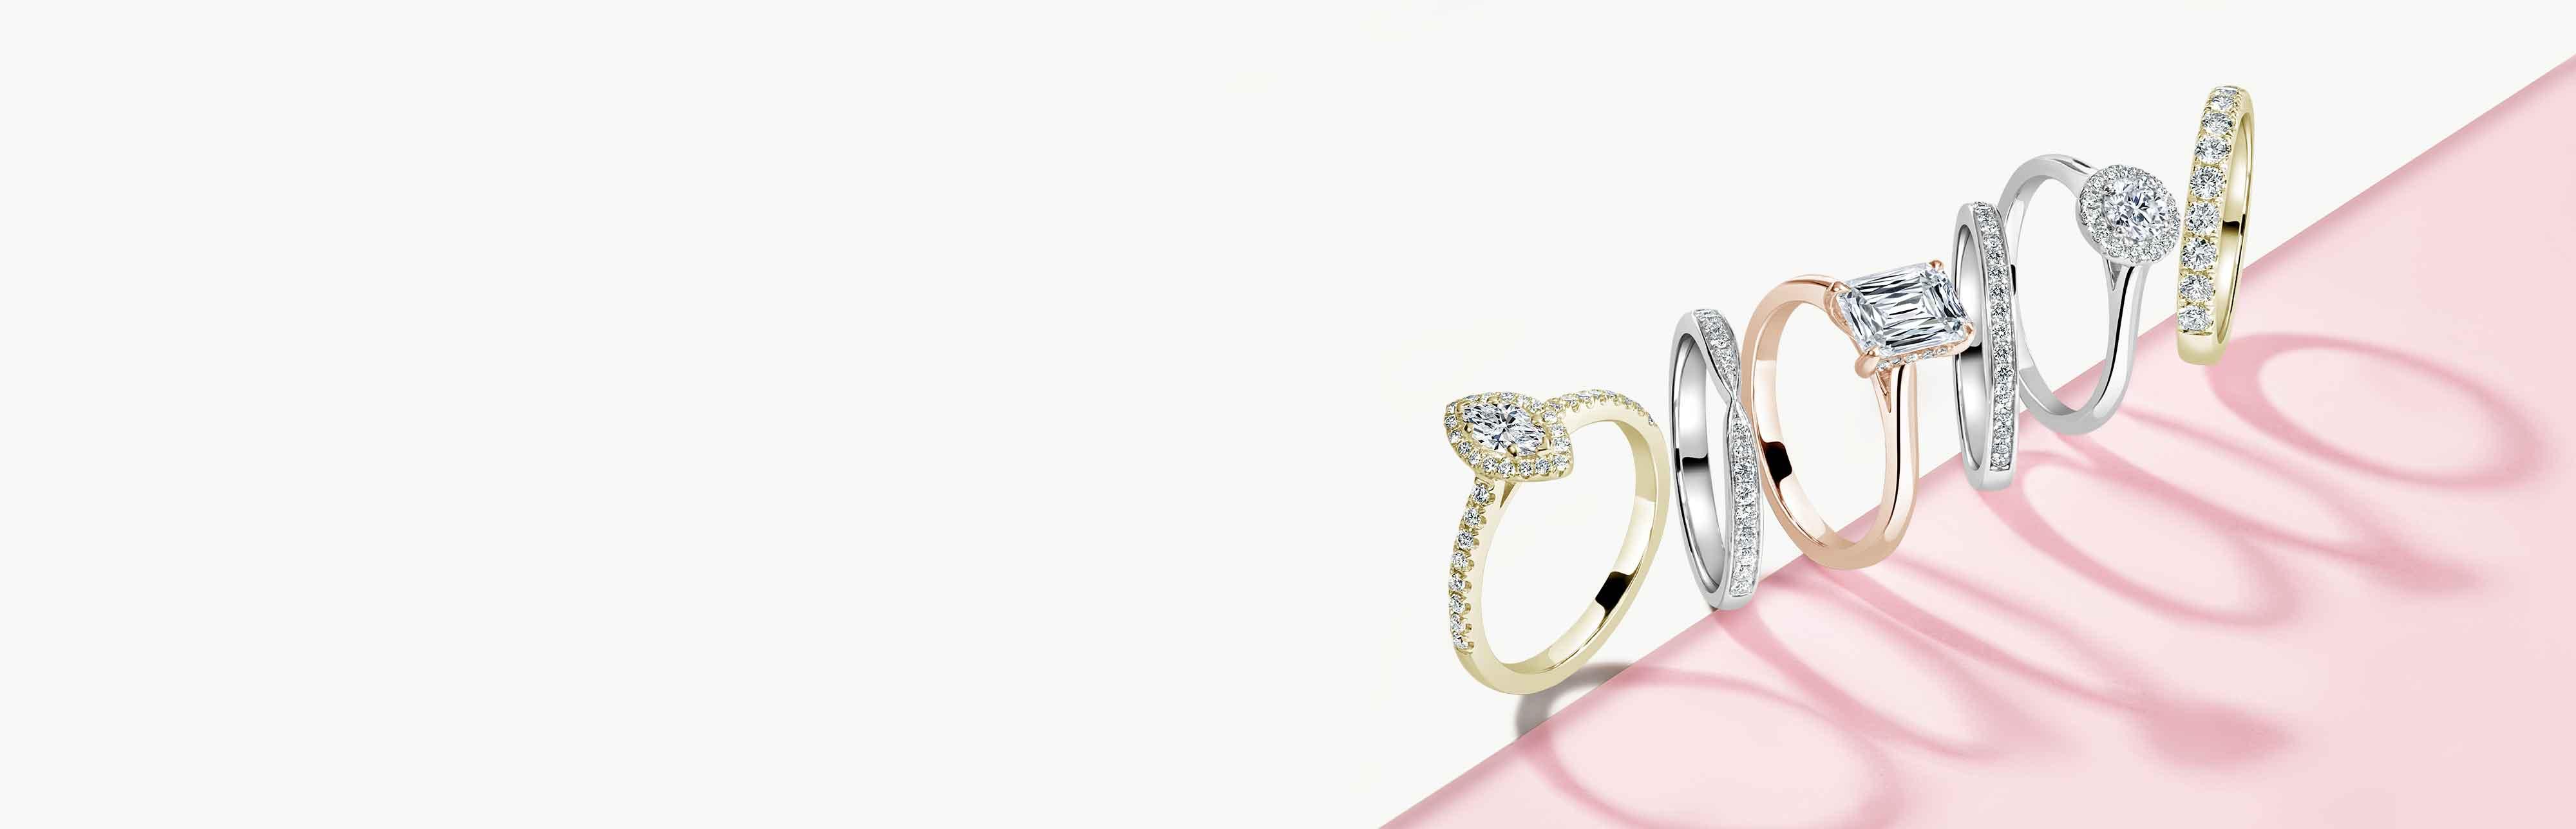 Platinum Radiant Cut Engagement Rings